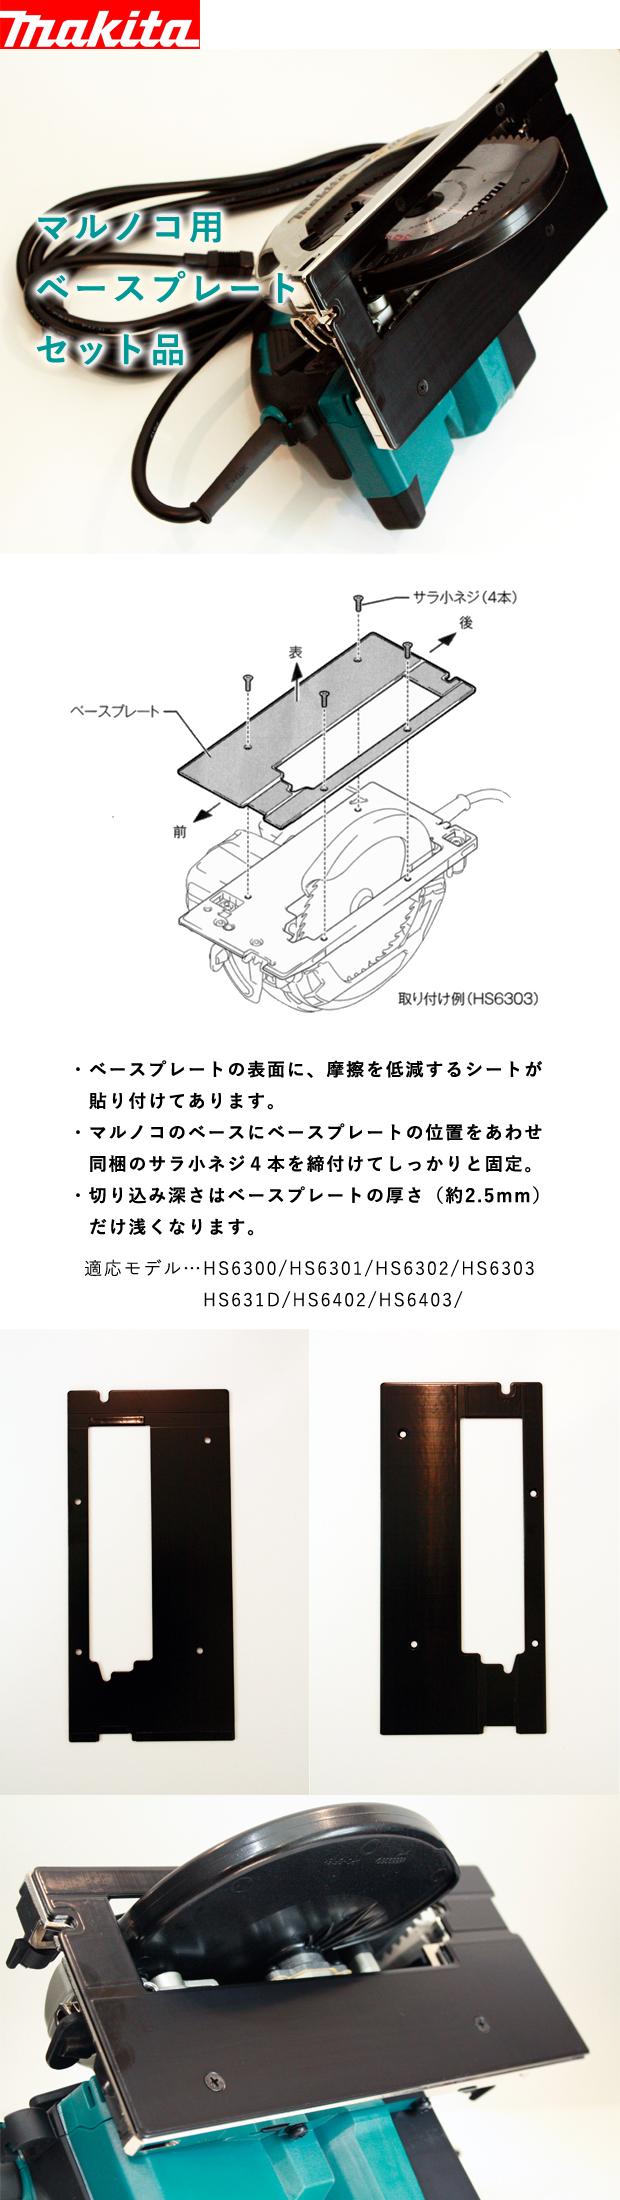 マキタ マルノコ用ベースプレートセット品 A-66101